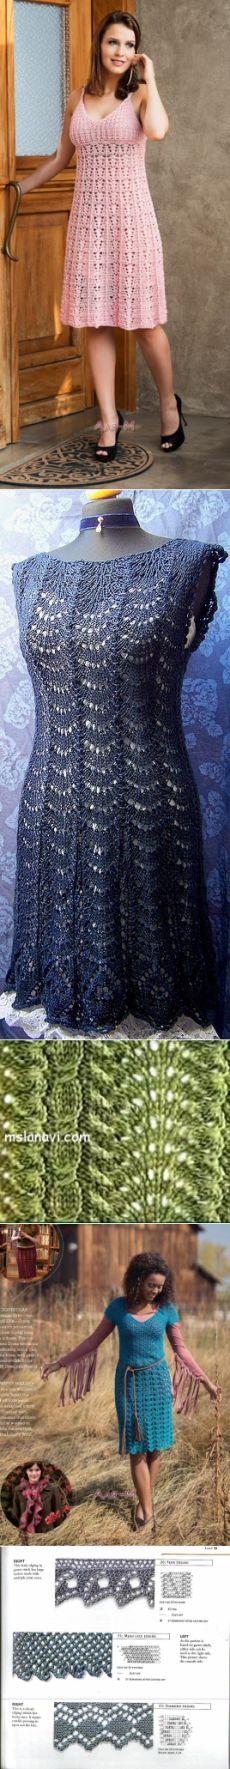 Платье, юбки, сарафаны, костюмы   Записи в рубрике Платье, юбки, сарафаны…